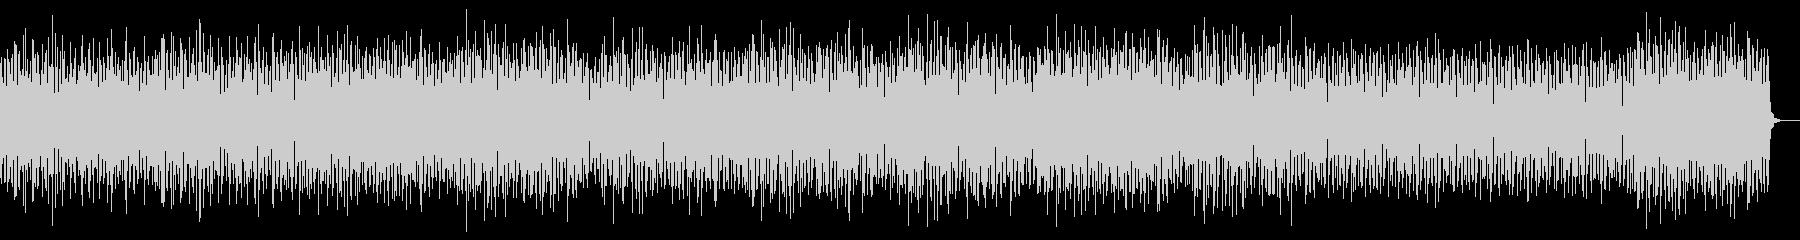 スリリング 重低硬ピアノ うねるシンセの未再生の波形